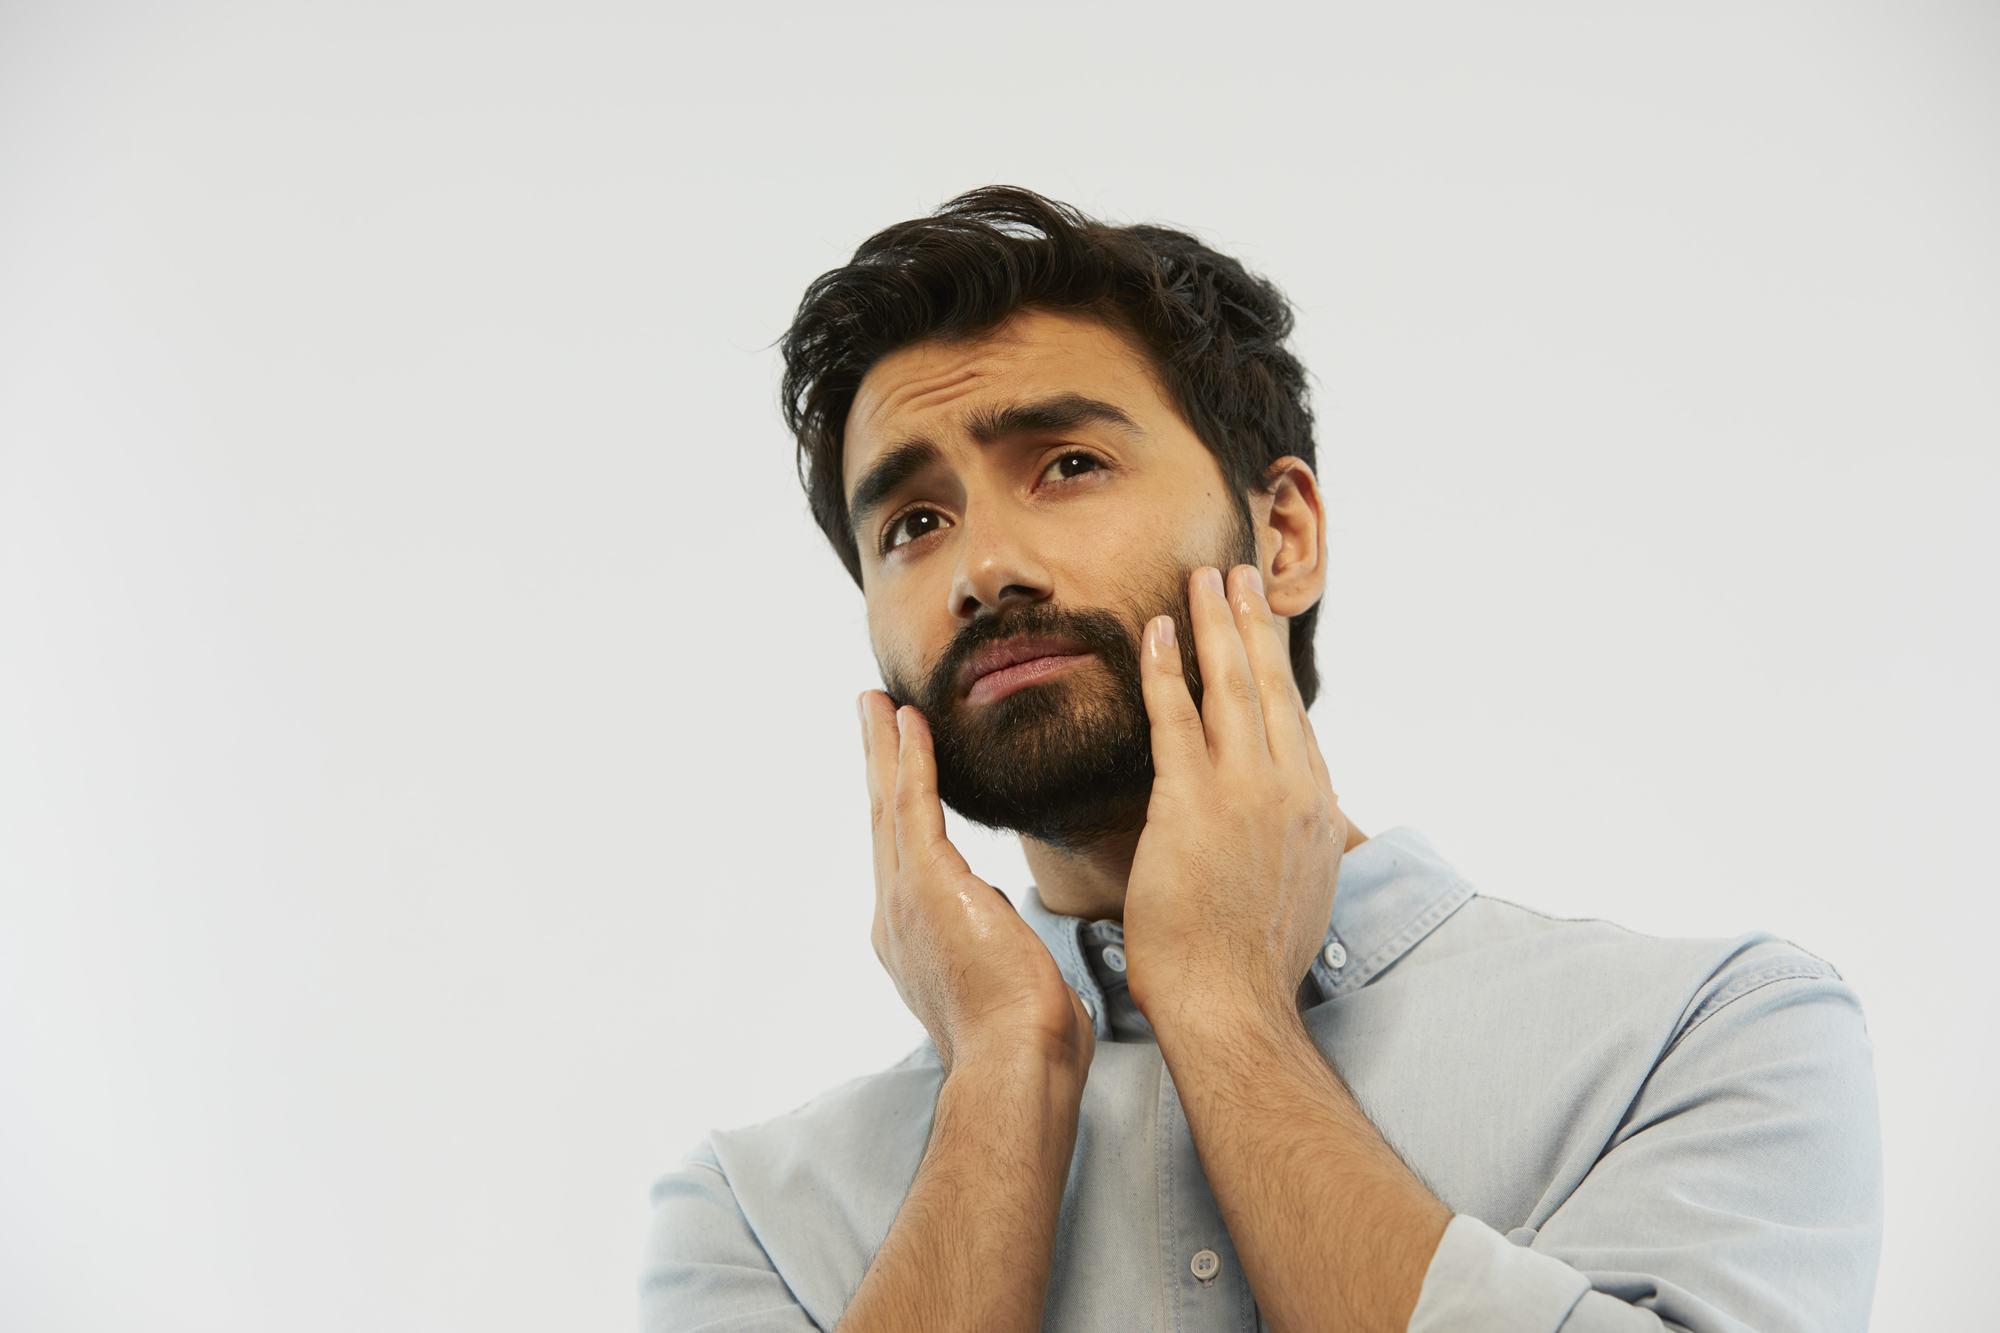 homme barbu se frottant la barbe